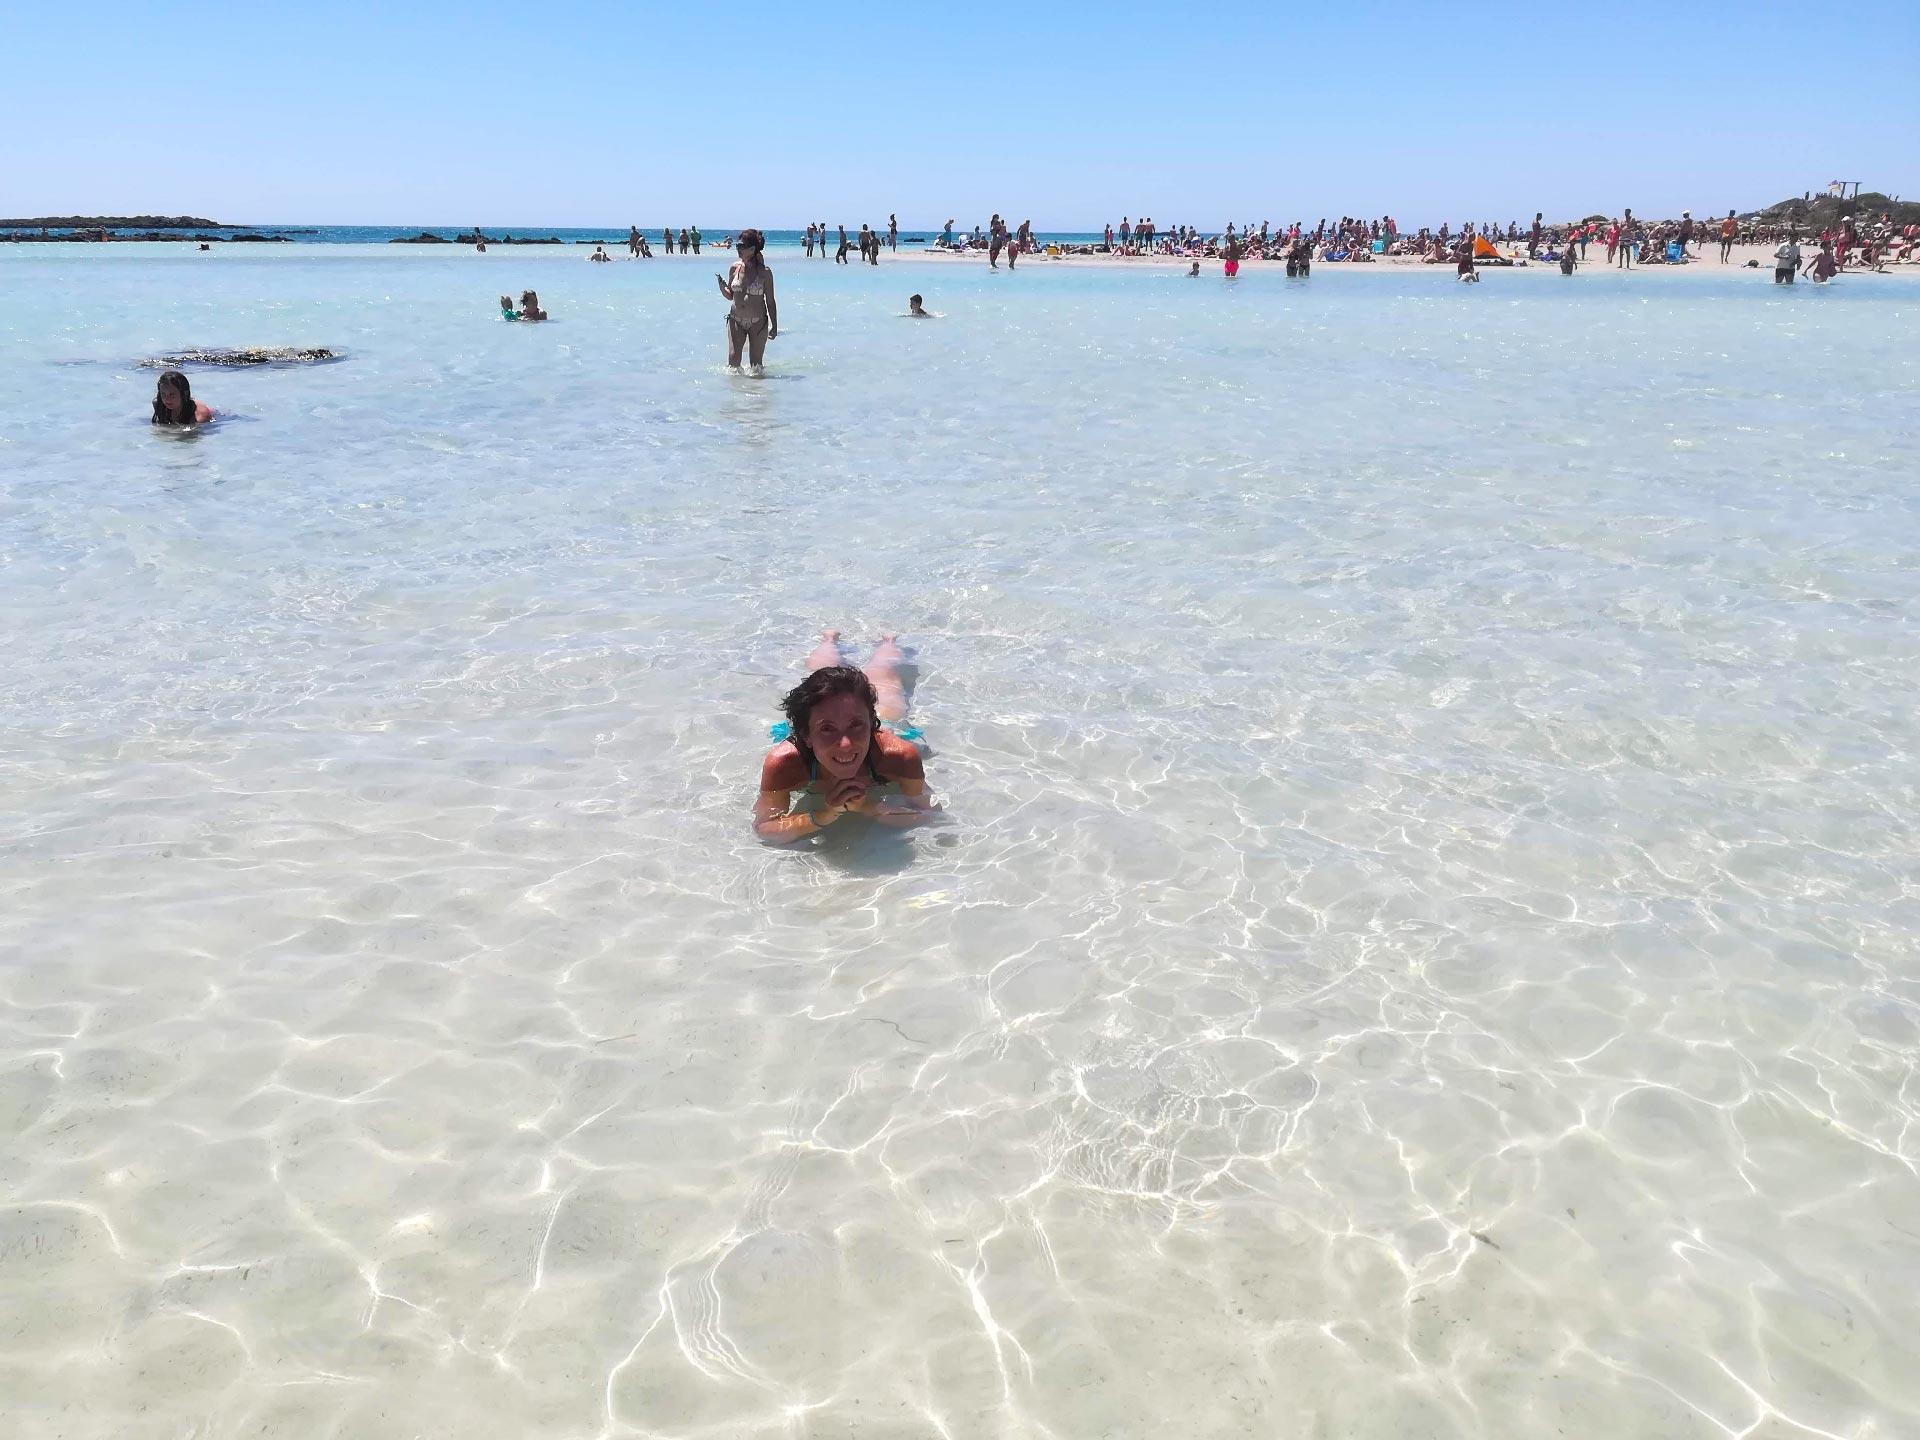 il mare di Elafonissi, Creta, Grecia